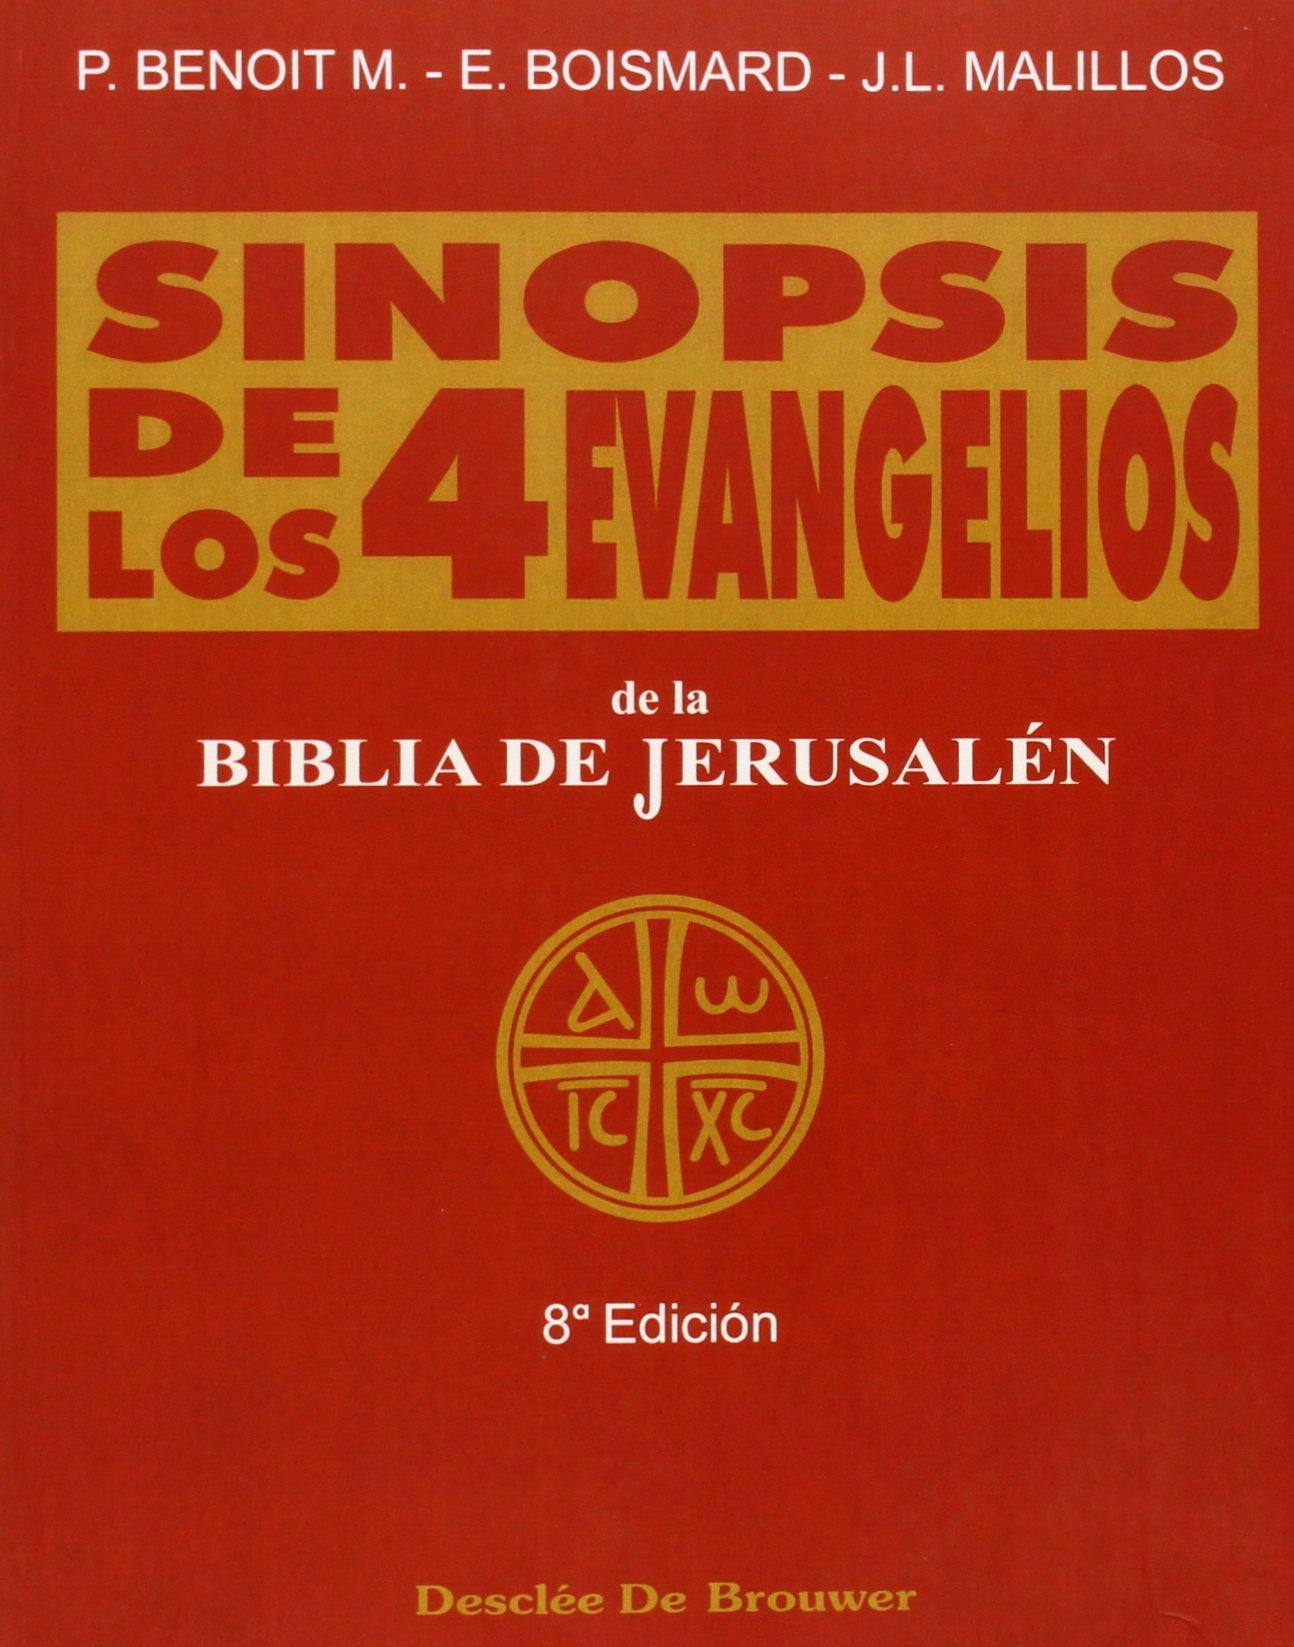 Sinopsis de los cuatro evangelios - vol. 1 Biblia de Jerusalén: Amazon.es: Bismard, Benoit, Malillos: Libros